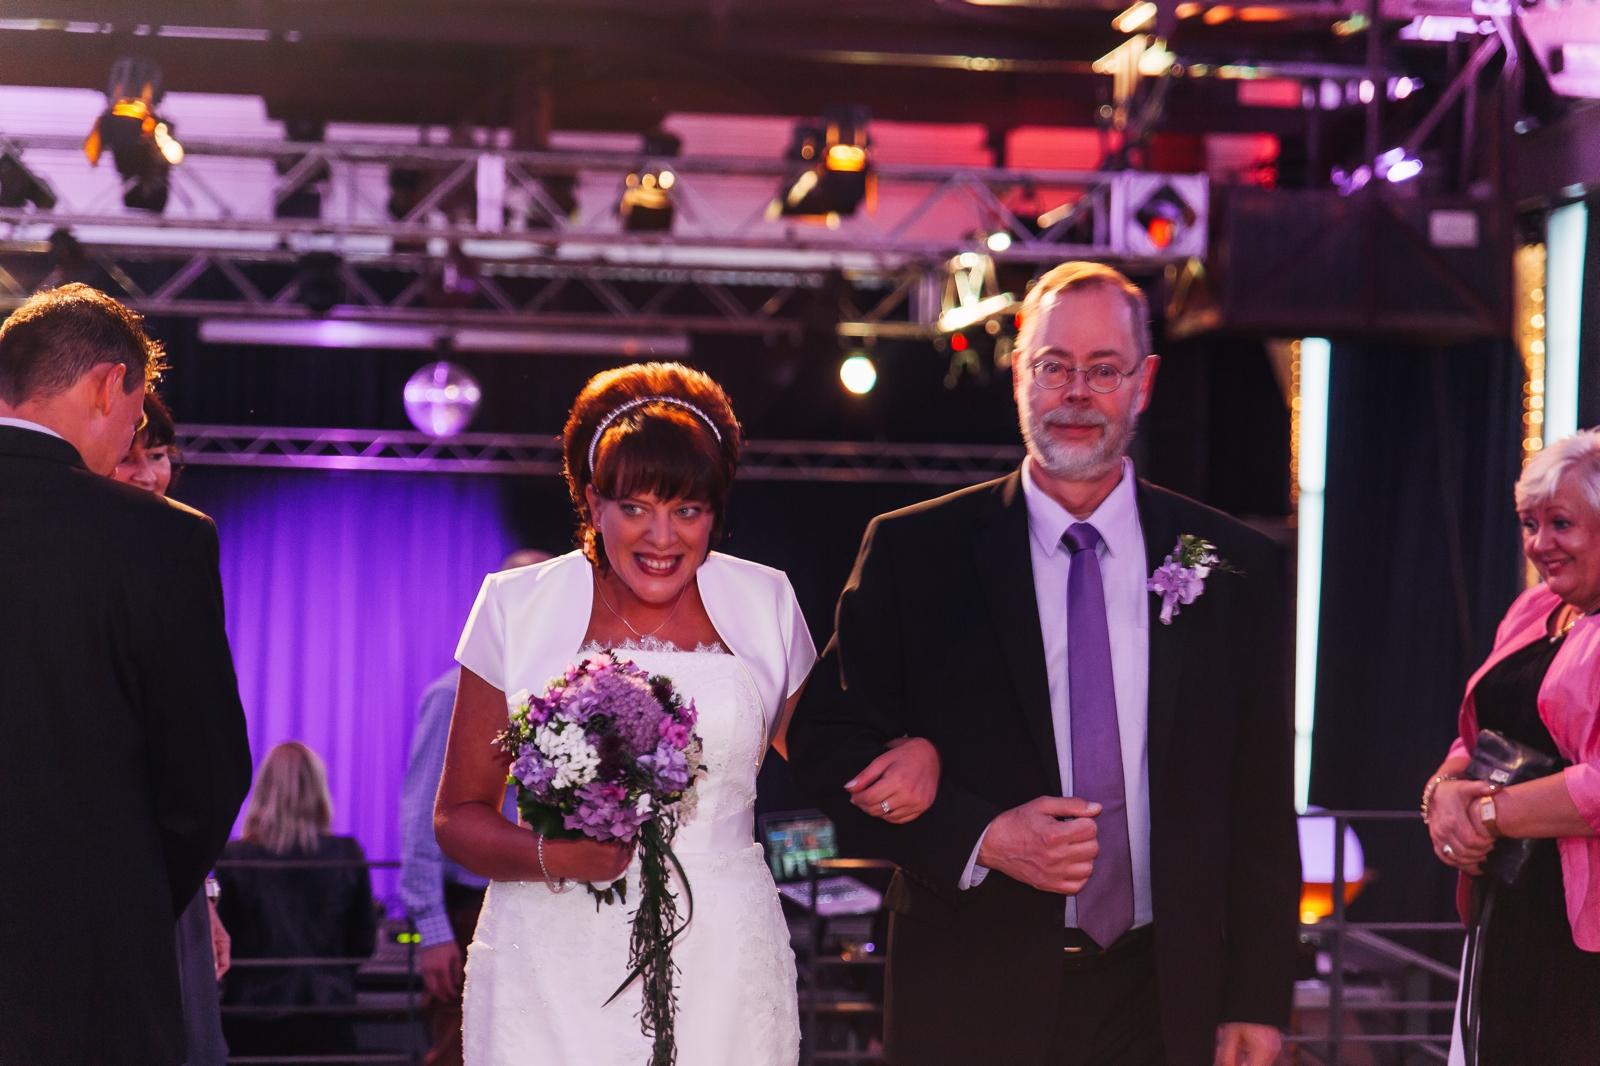 Monstergraphie_Hochzeitsreportage_Essen_Zeche_Zollverein17.jpg?fit=1600%2C1066